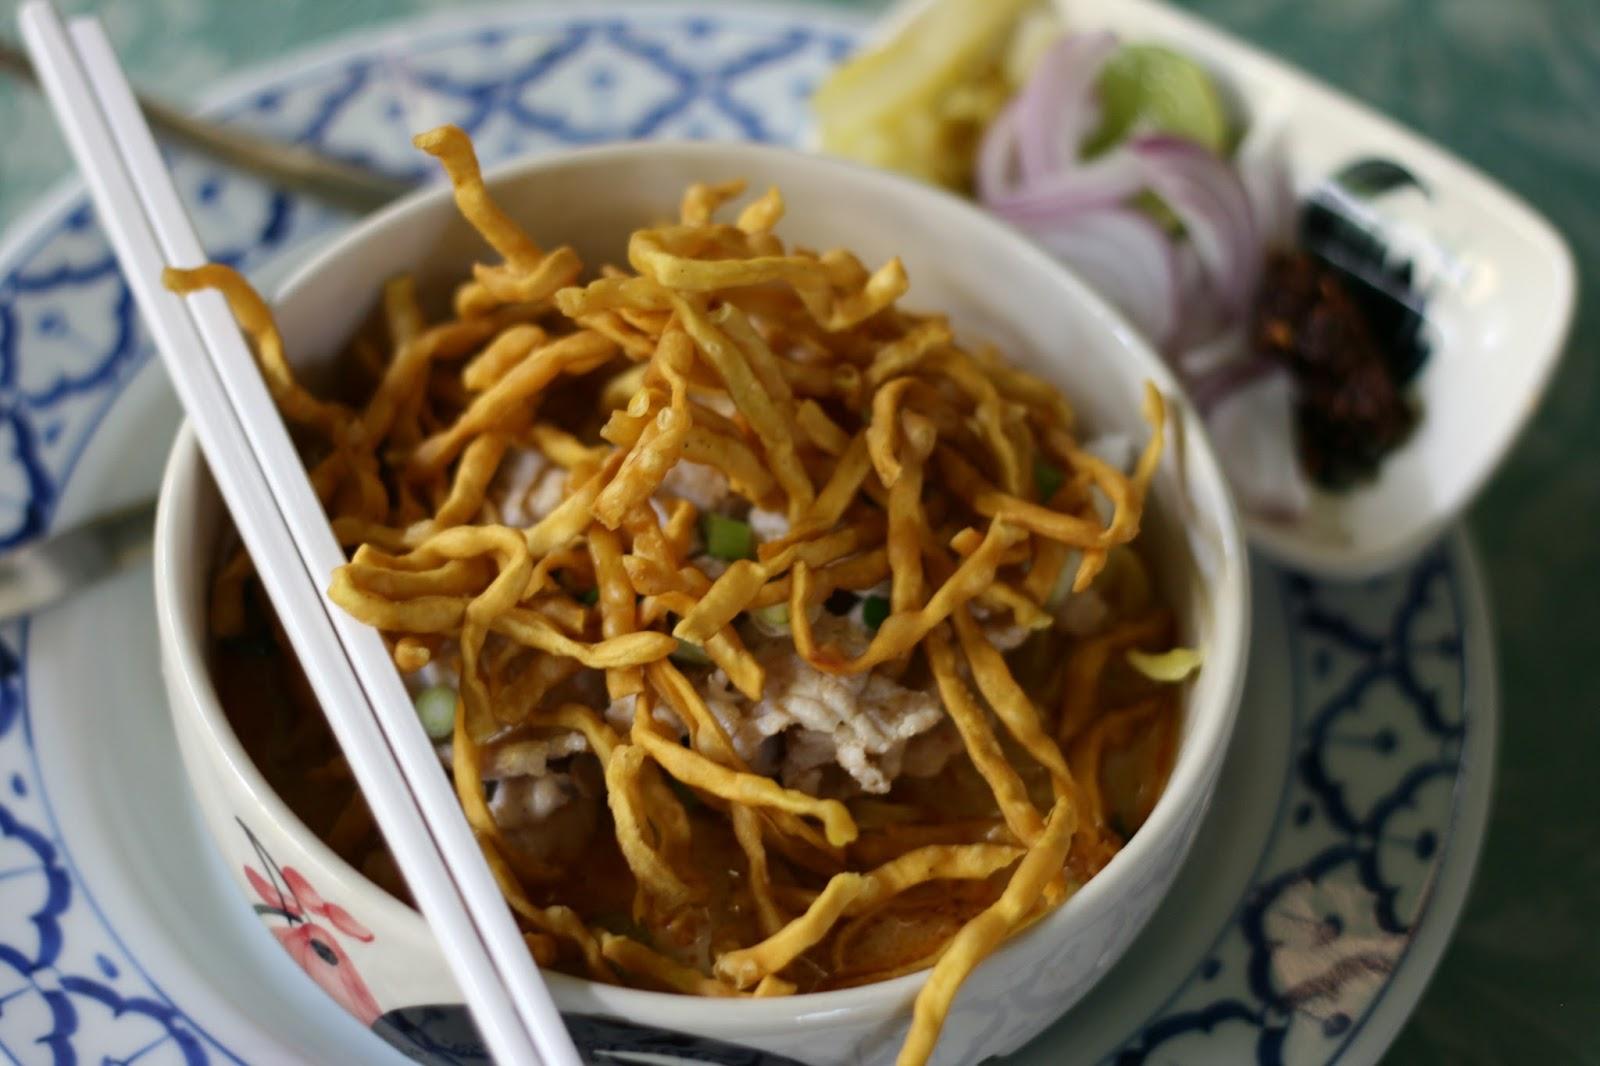 Thai curry, Khao soi, chicken khoa soi, chiang mai